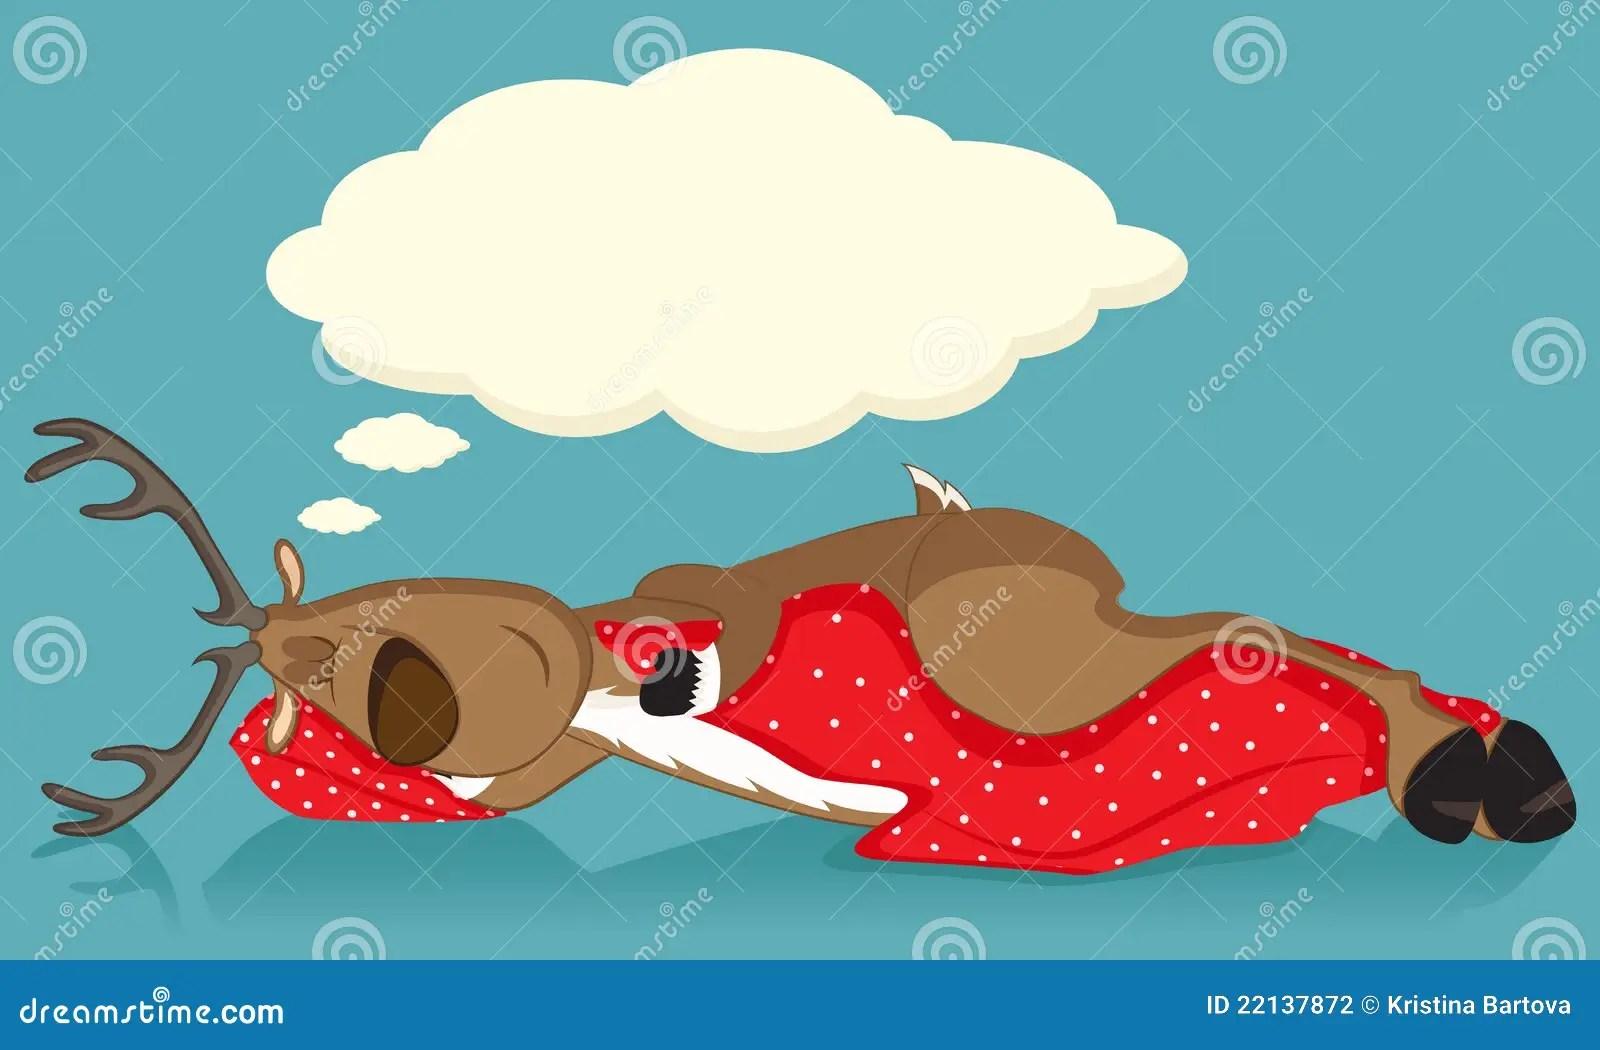 Sleeping Reindeer Stock Photography  Image 22137872